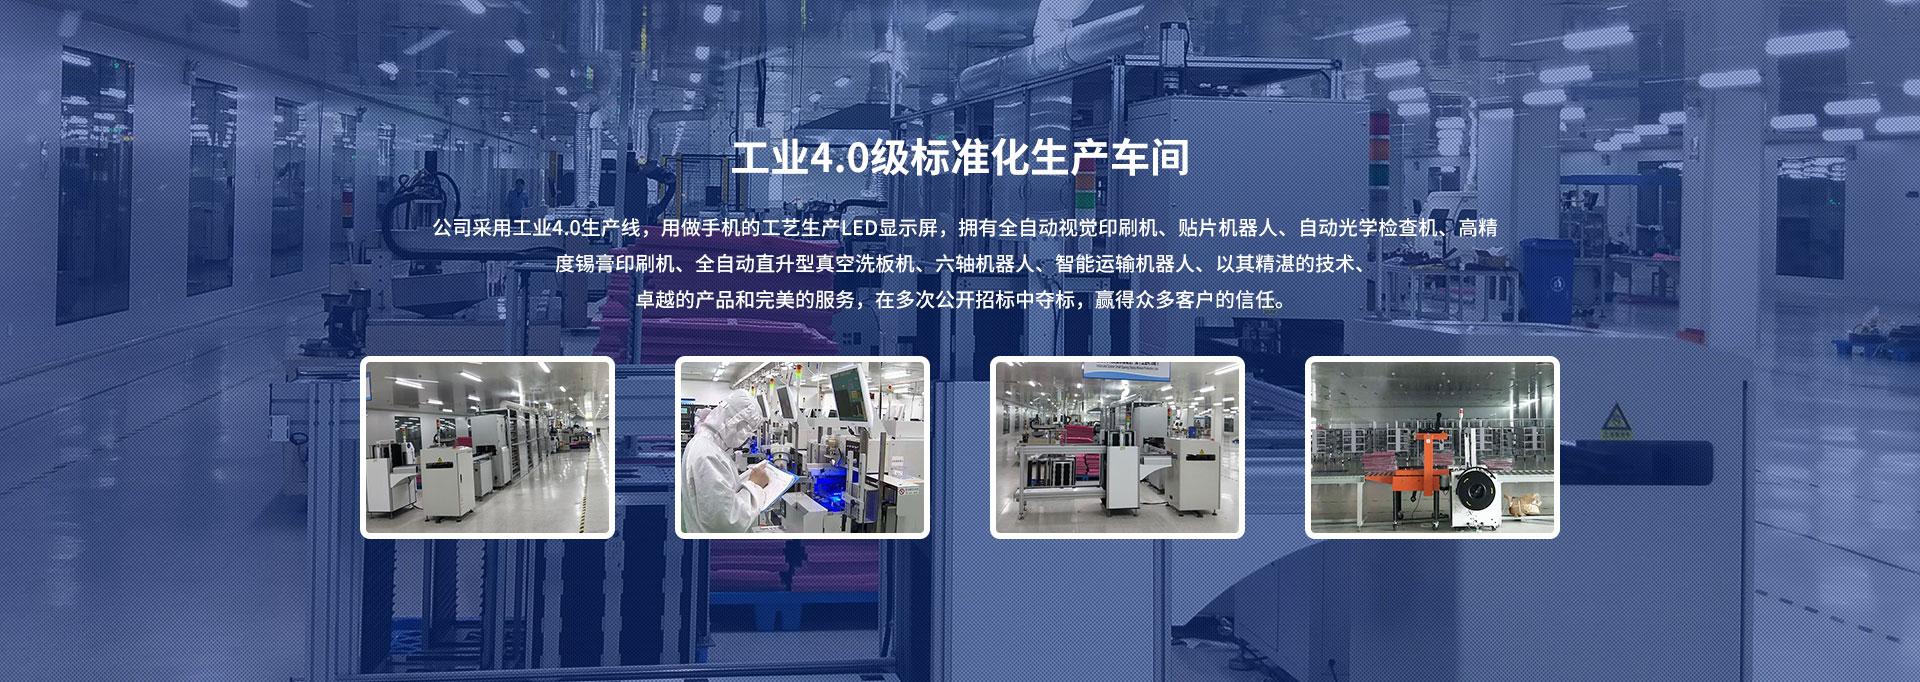 山东科瑞光电科技有限公司